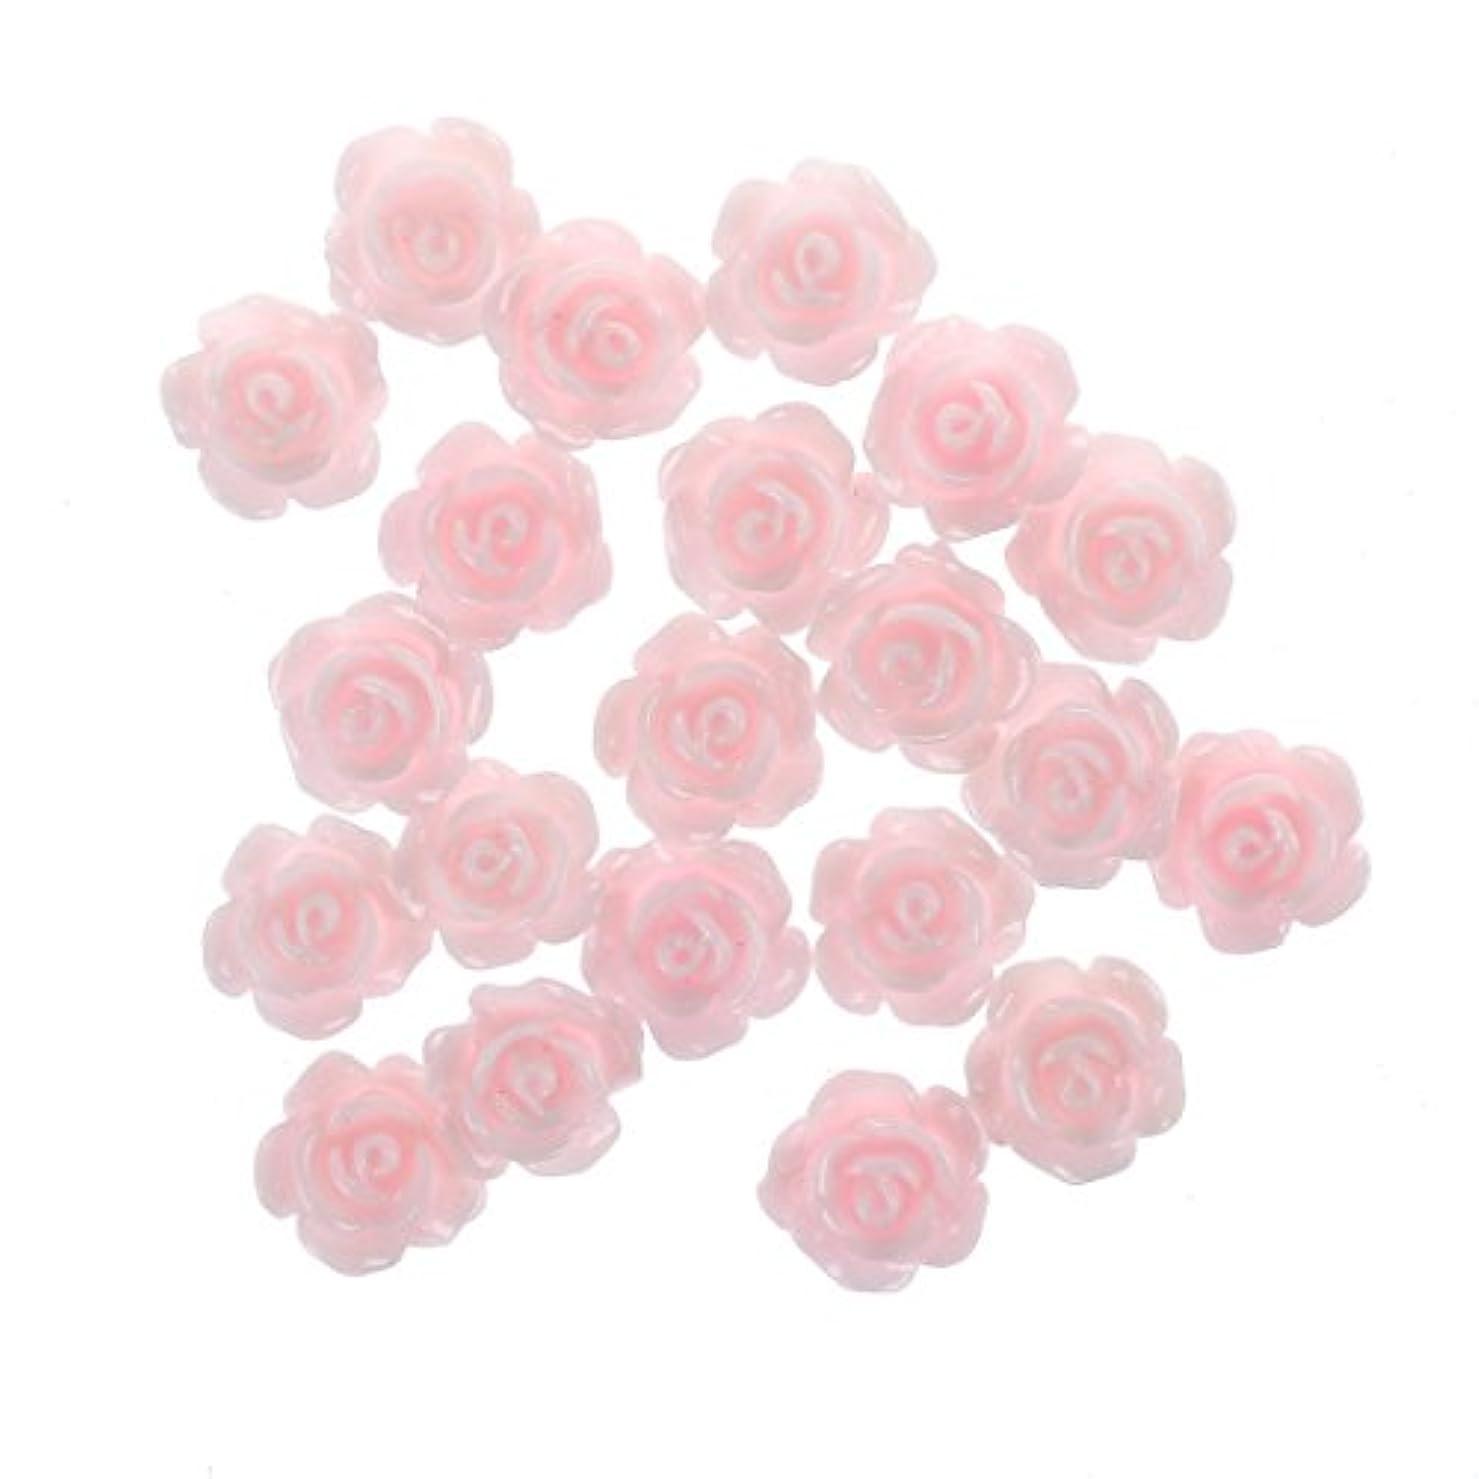 完全に乾くプレミア結婚したネイルアート,SODIAL(R)20x3Dピンクの小さいバラ ラインストーン付きネイルアート装飾